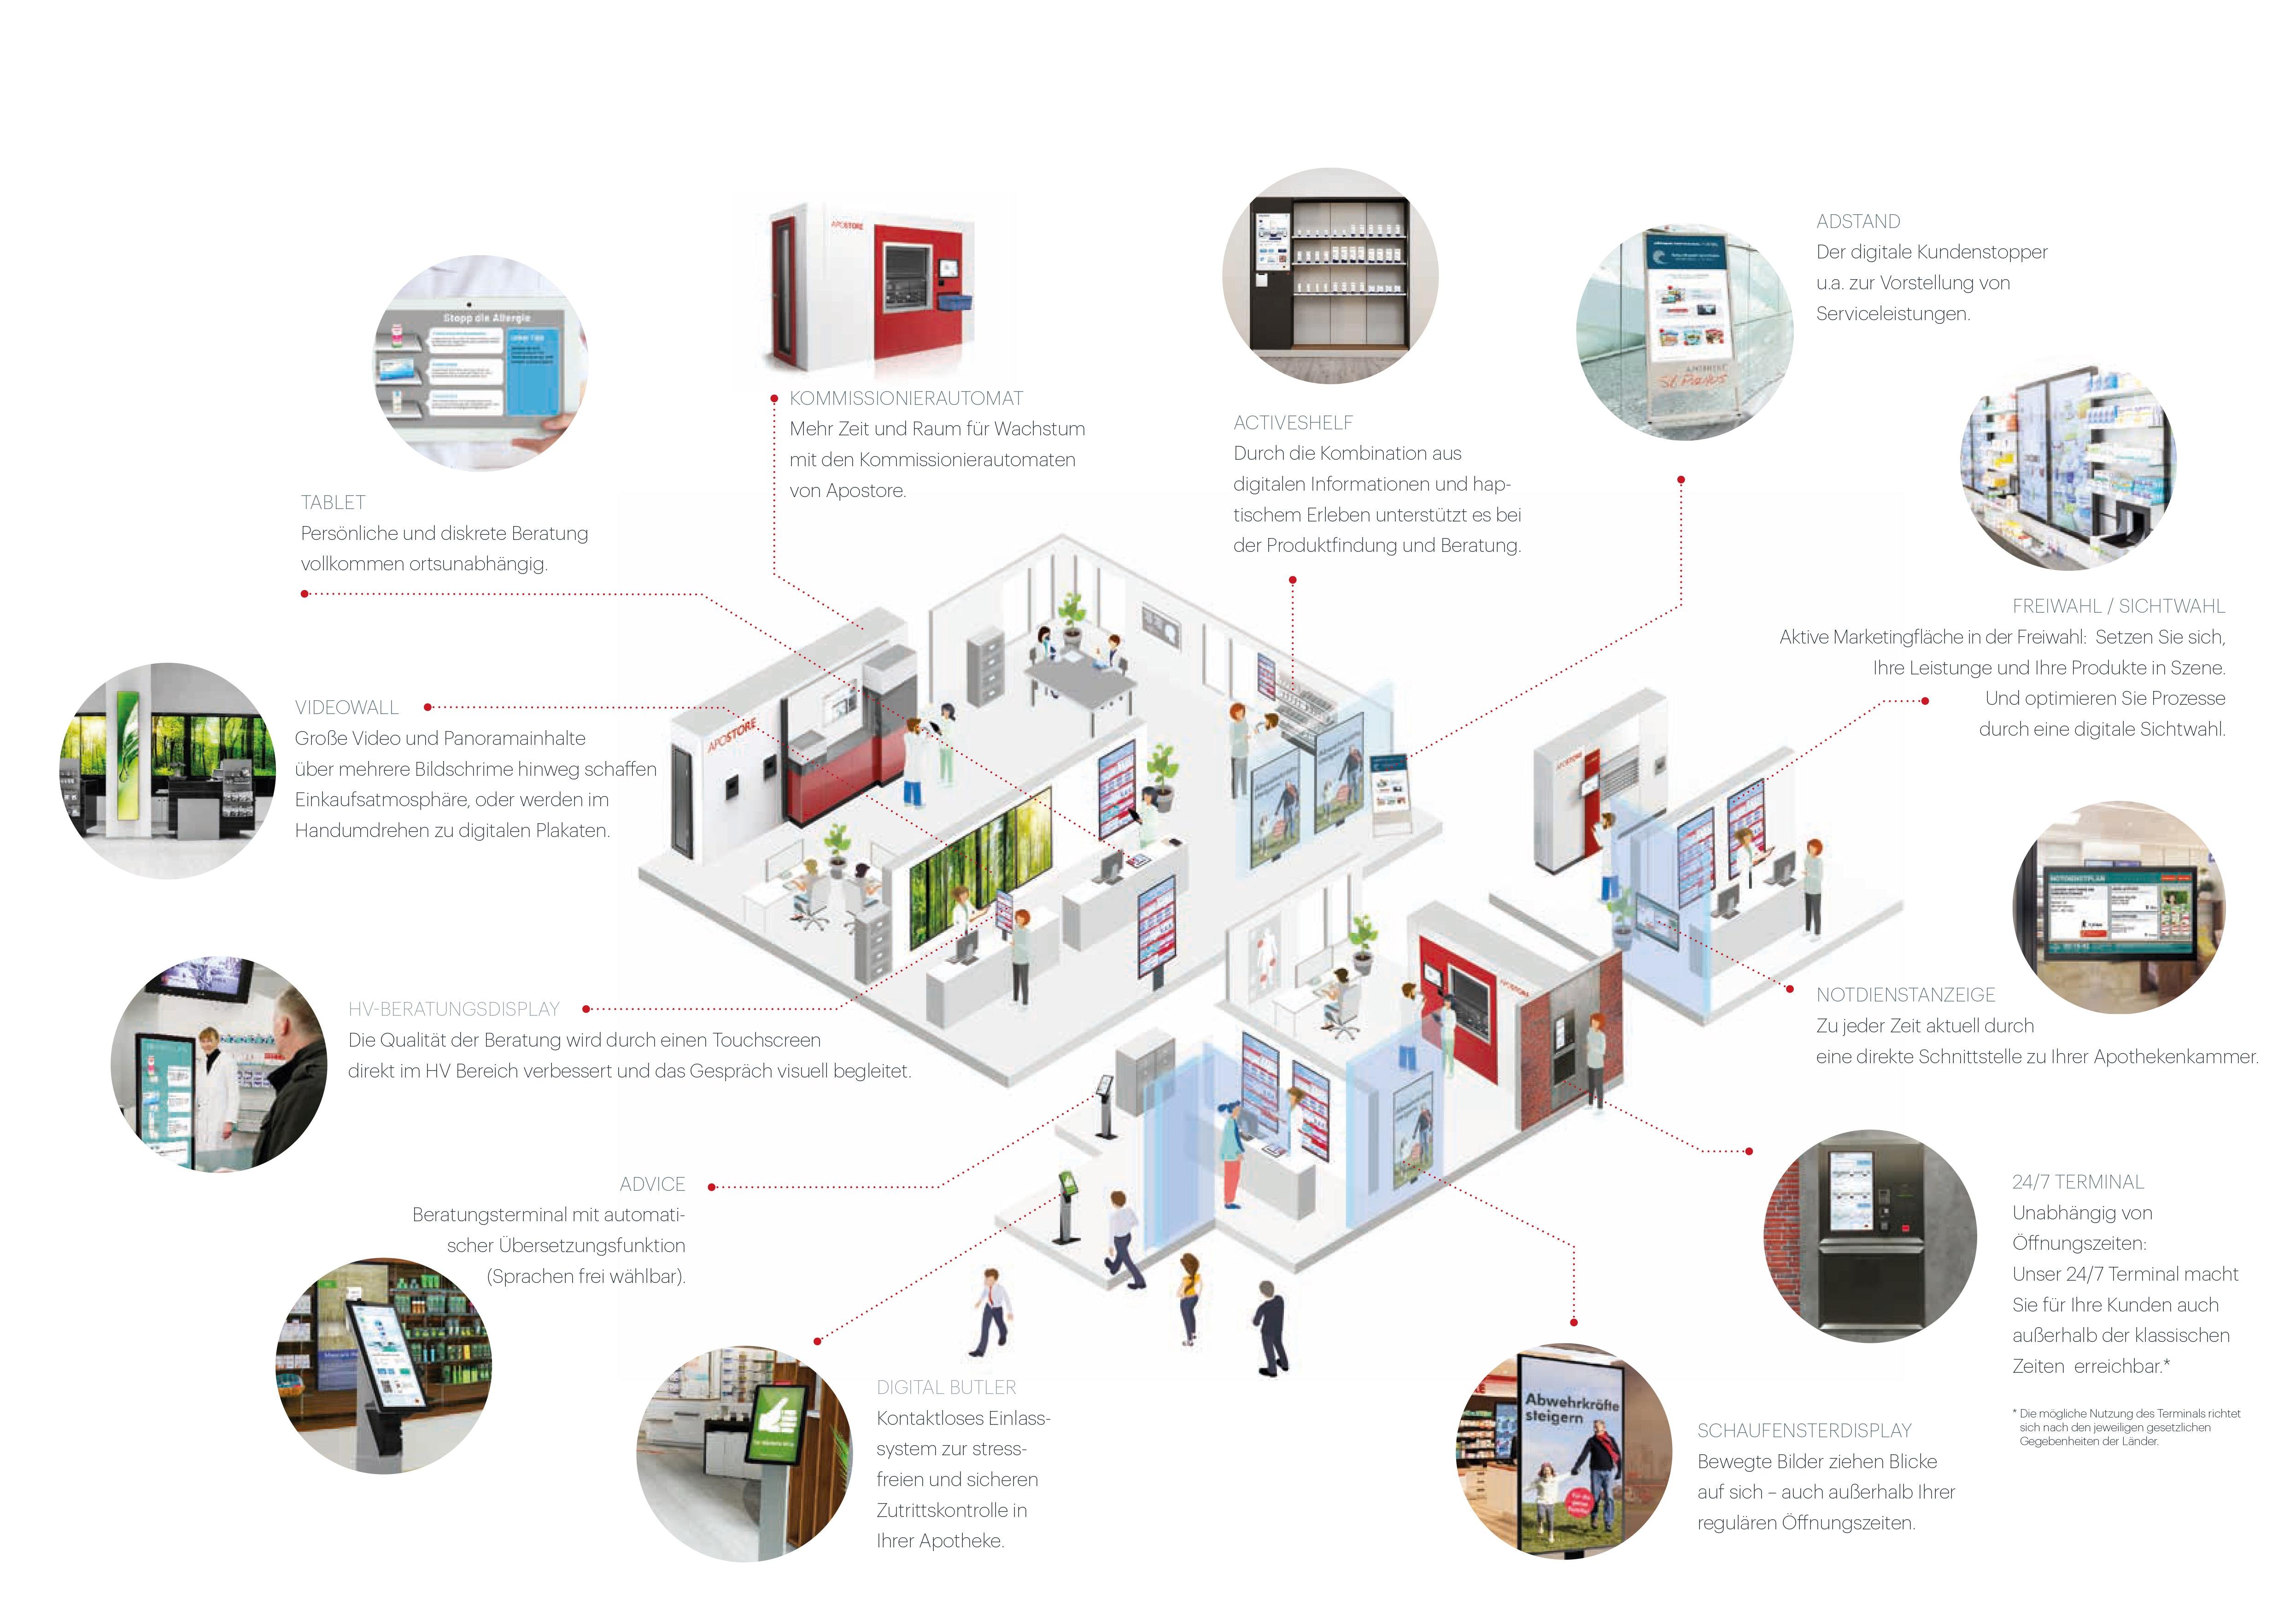 Apostore Apotheke Screens Digitale Loesungen Overview DE